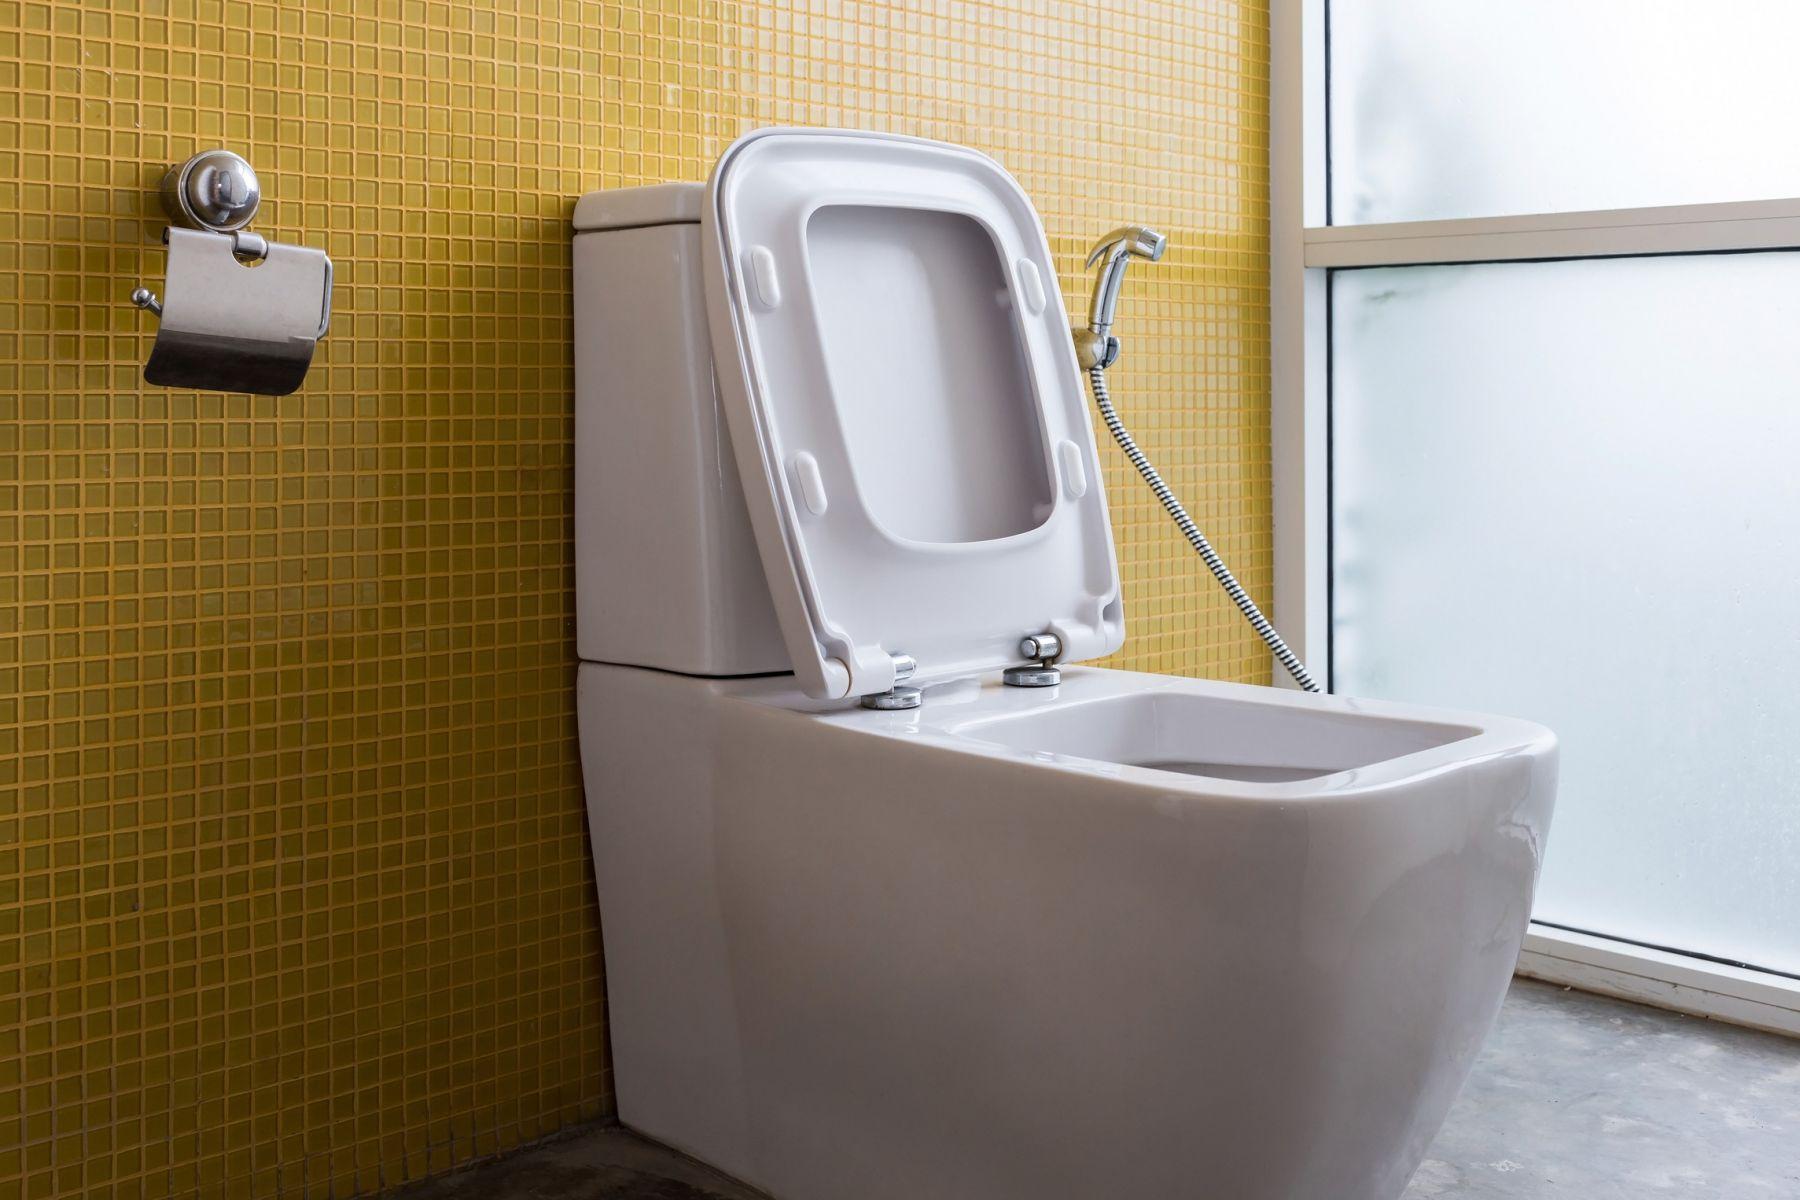 兩房格局,「廁所有窗」跟「View很好」只能選一個?眾人秒選這個